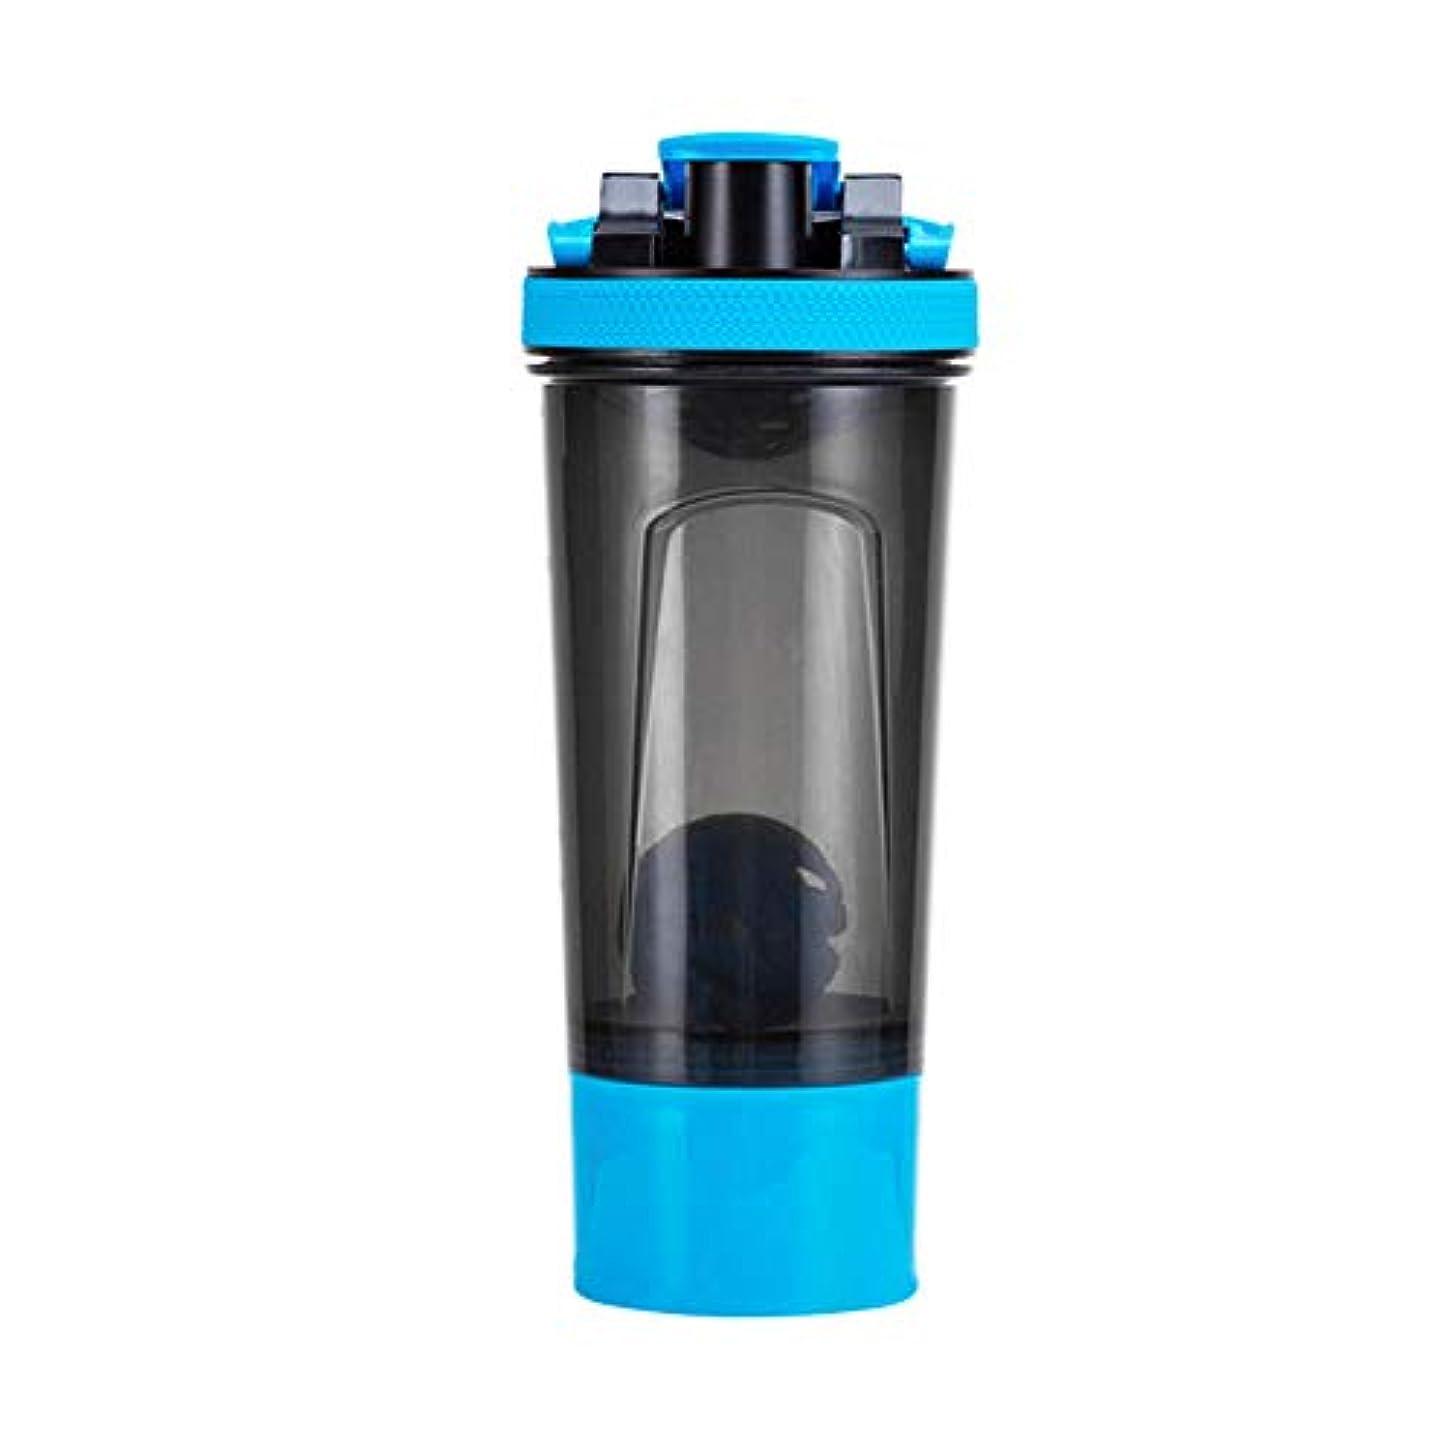 拡張払い戻しラウズSevenAndEight プロテインシェイカー シェーカーボトル タンパク質粉末シェーカーカップ フィットネス用 プラスチック 目盛り ジム ダイエット スポーツ